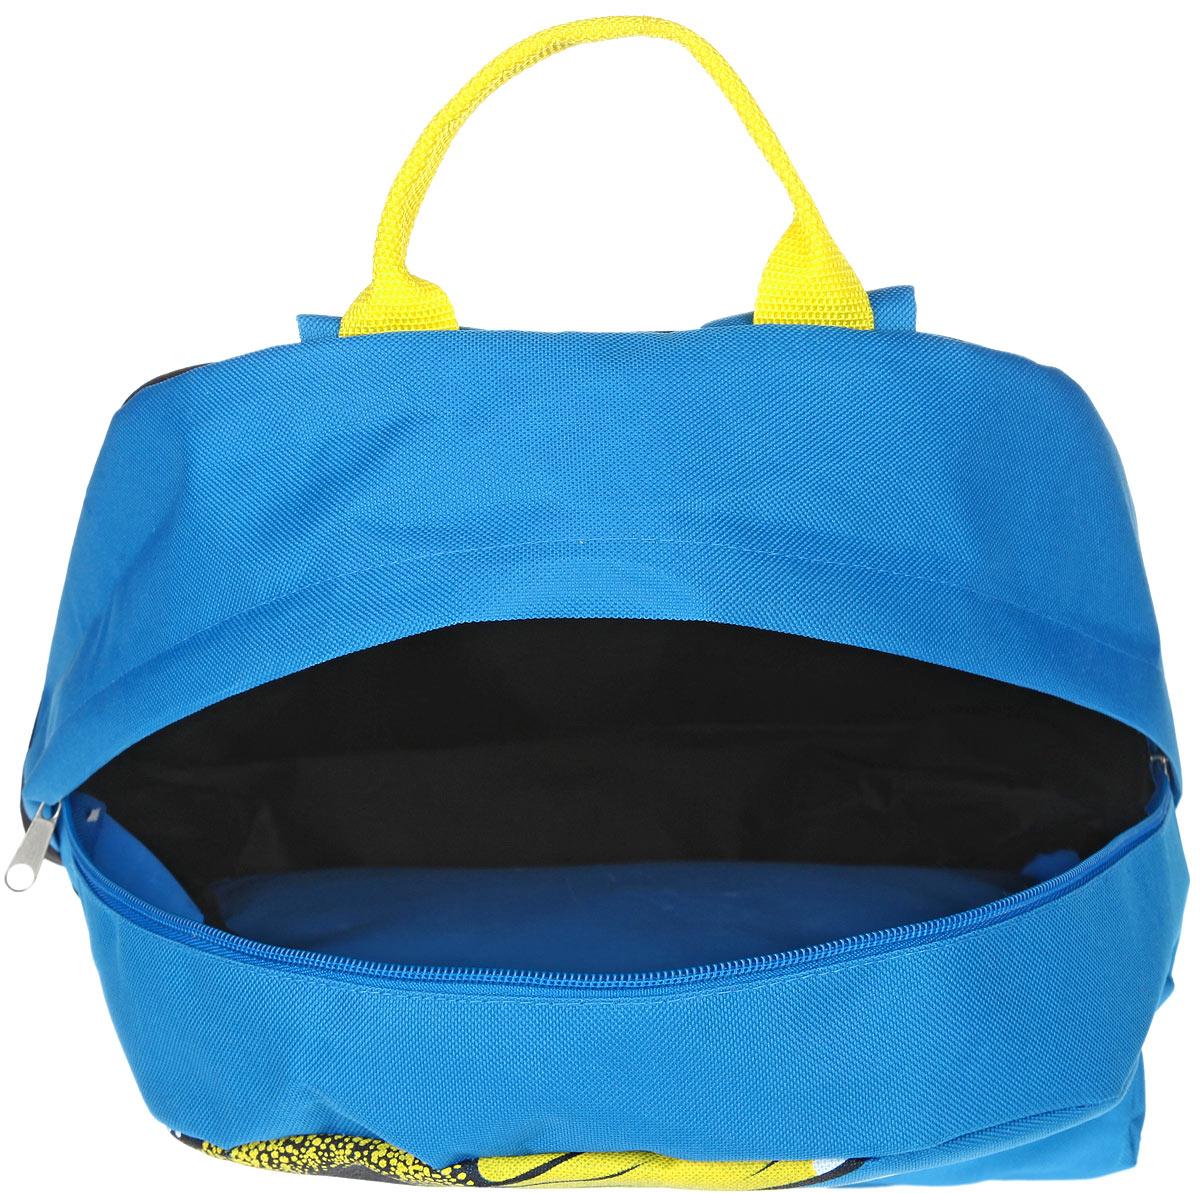 Рюкзак женский Antan, цвет: голубой, черный, желтый. 6-7 ( 6-7 )